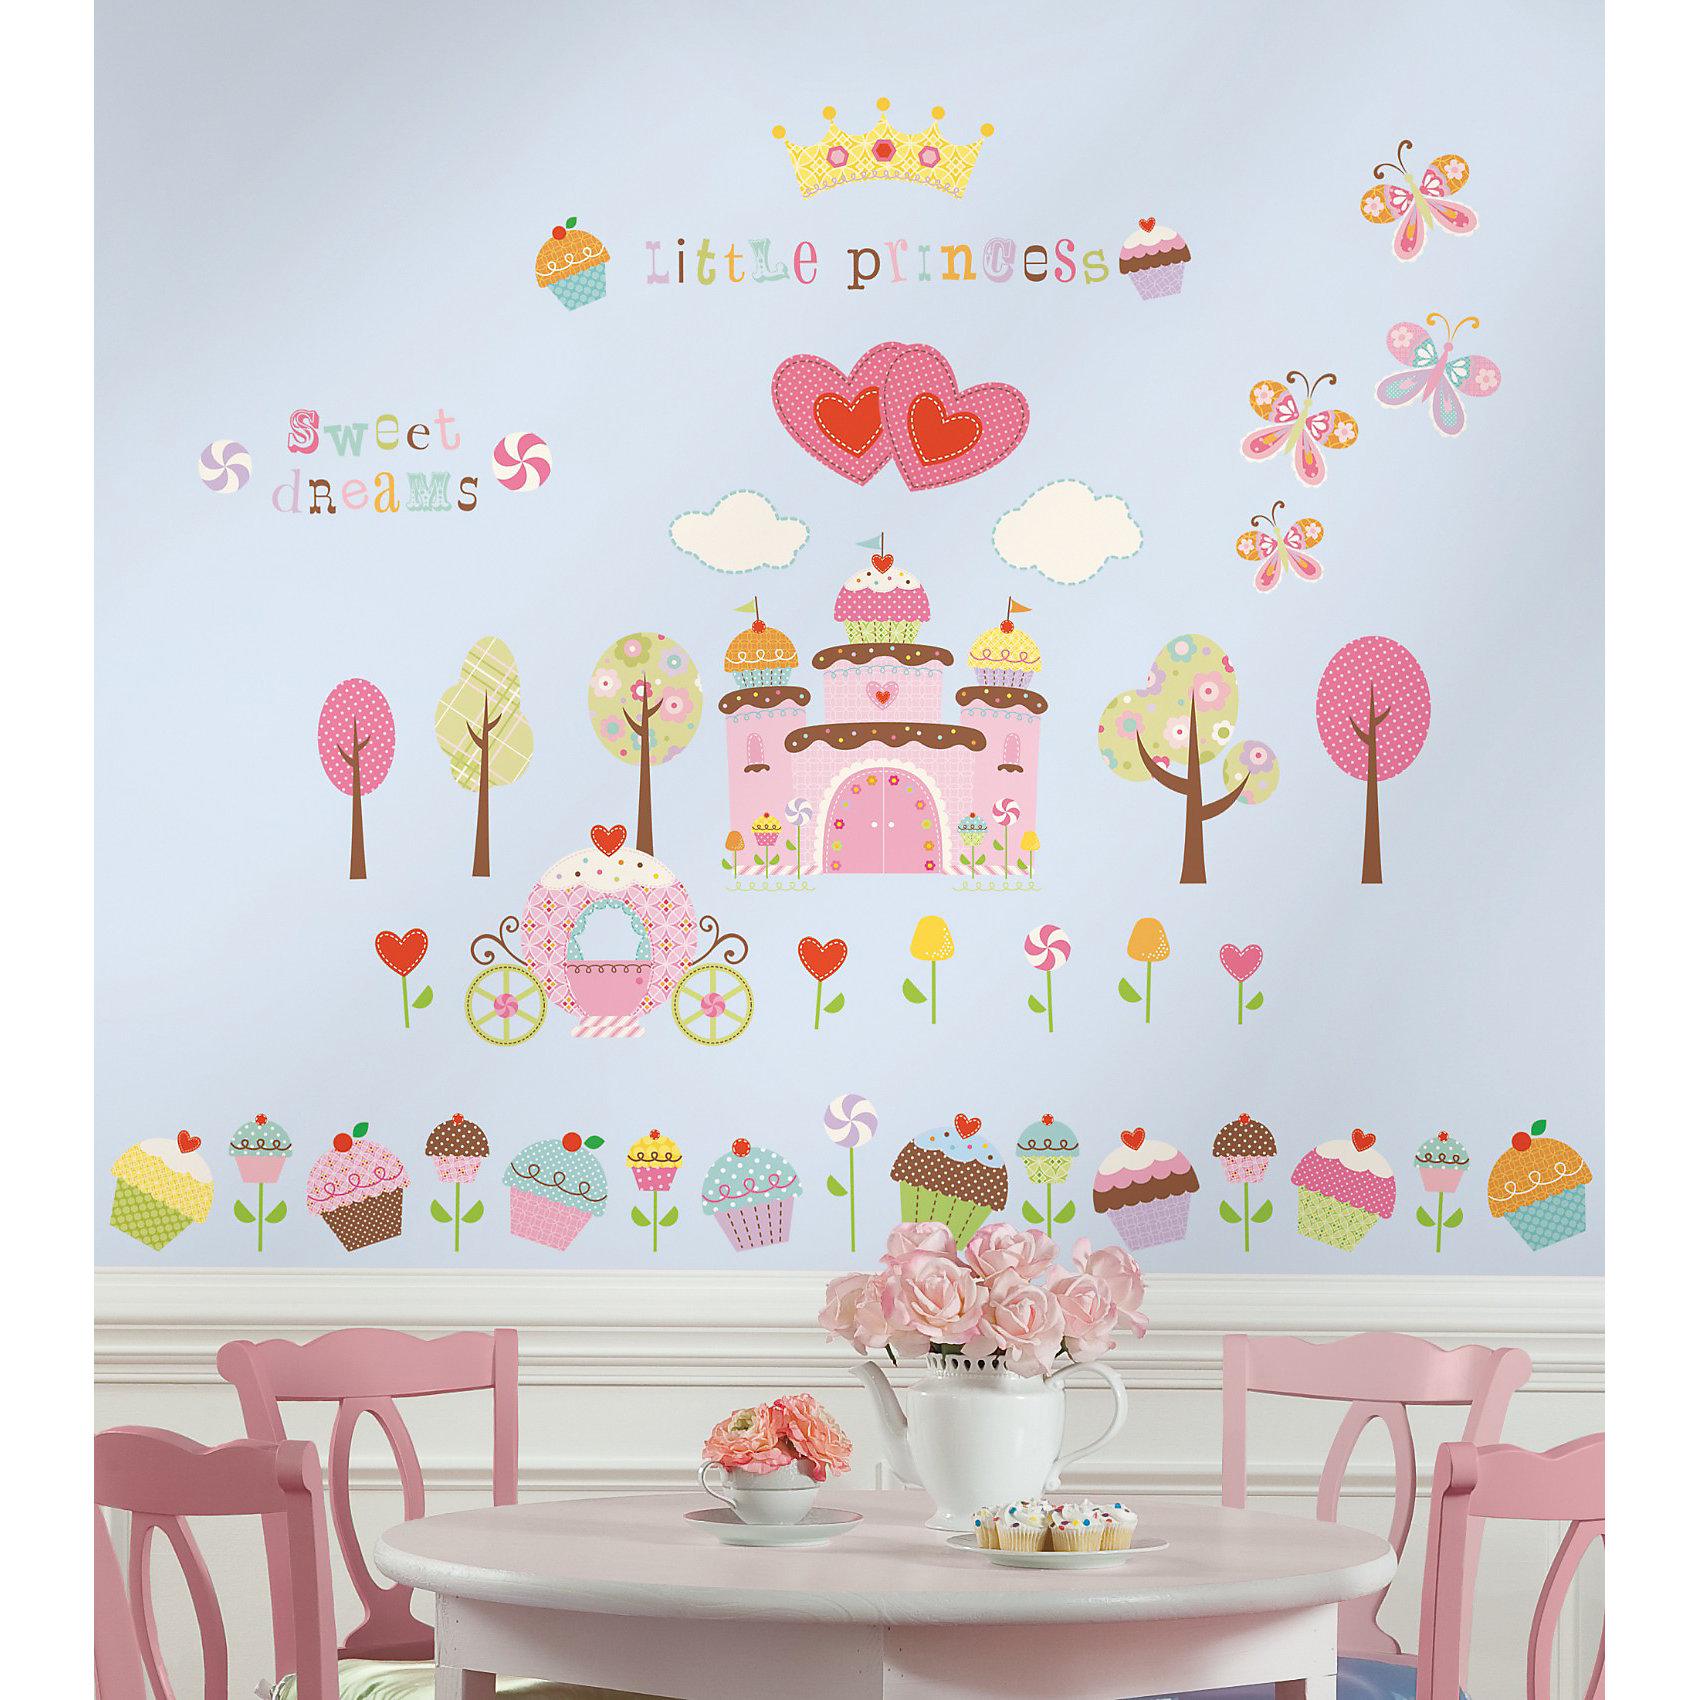 RoomMates Наклейки для декора Пирожные наклейки интерьерные roommates наклейки для декора зебра полоски розовые